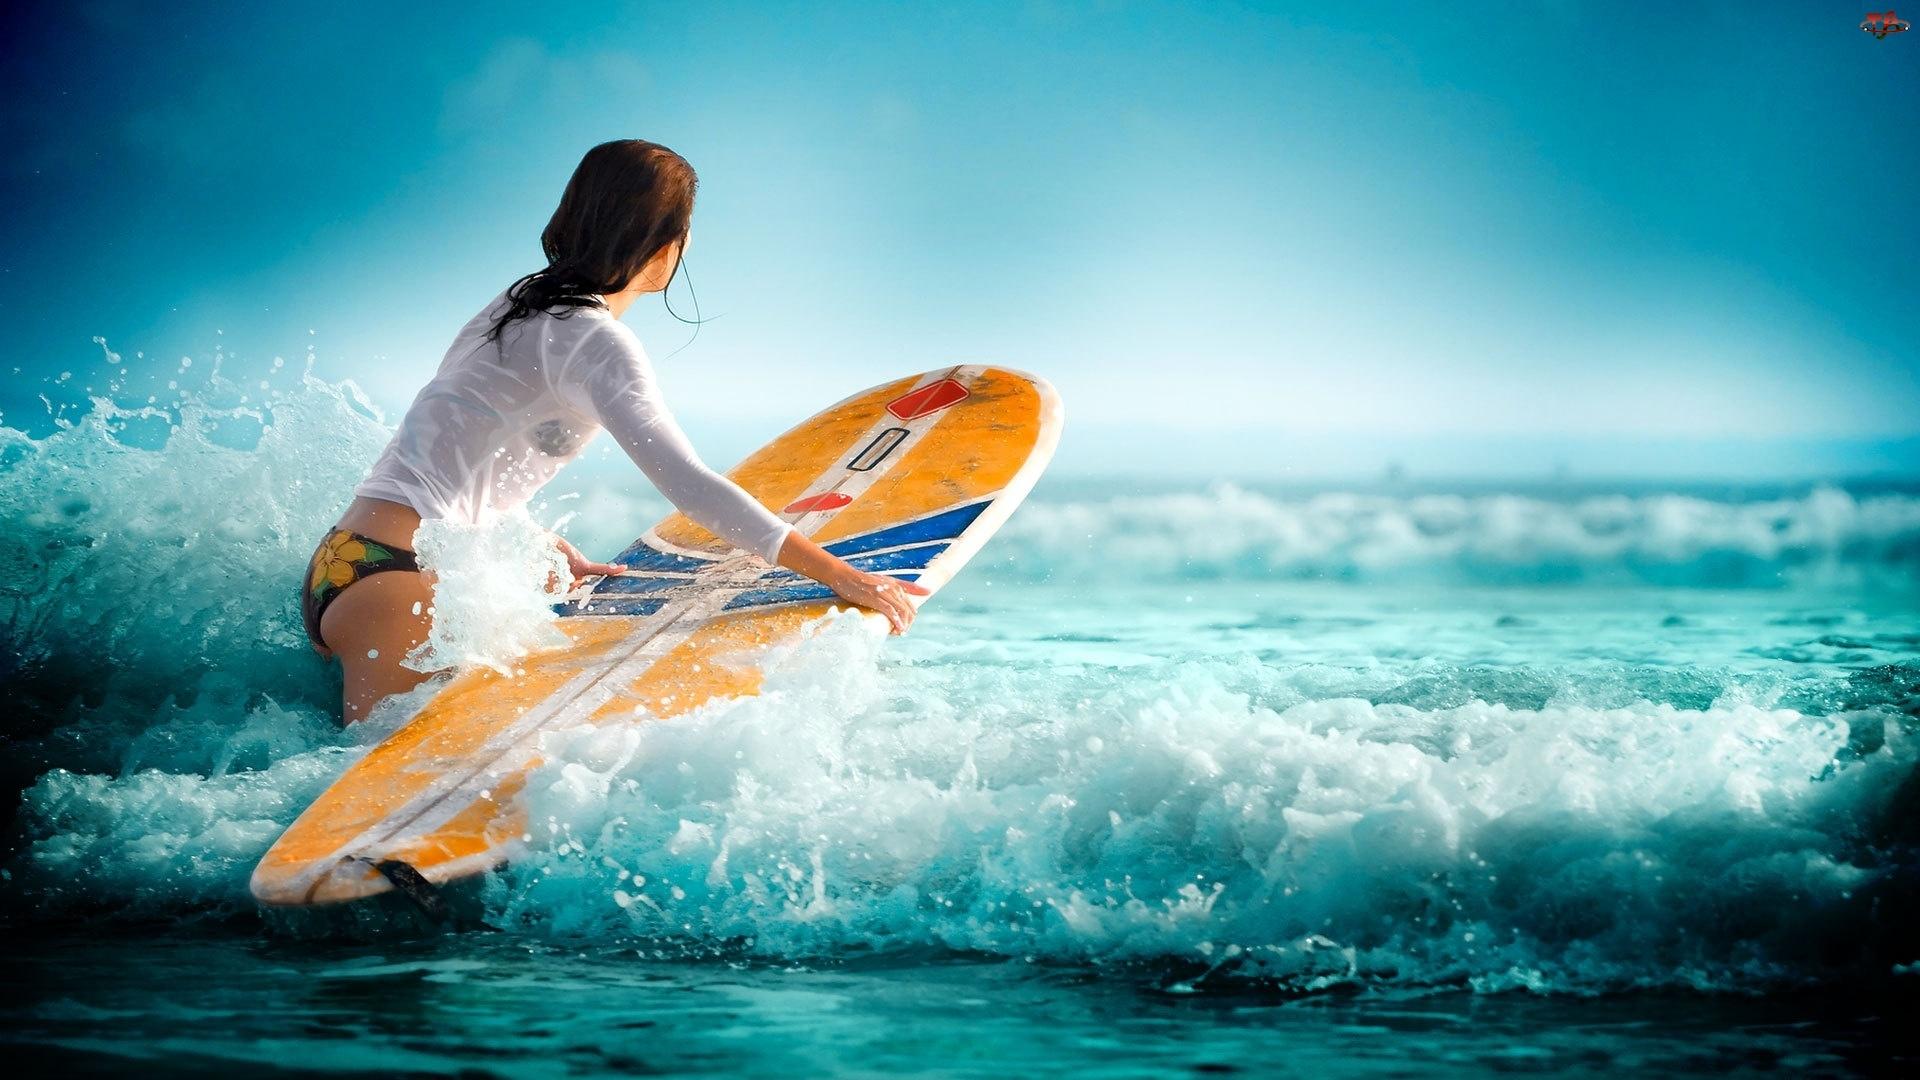 Kobieta, Surfing, Morze, Fale